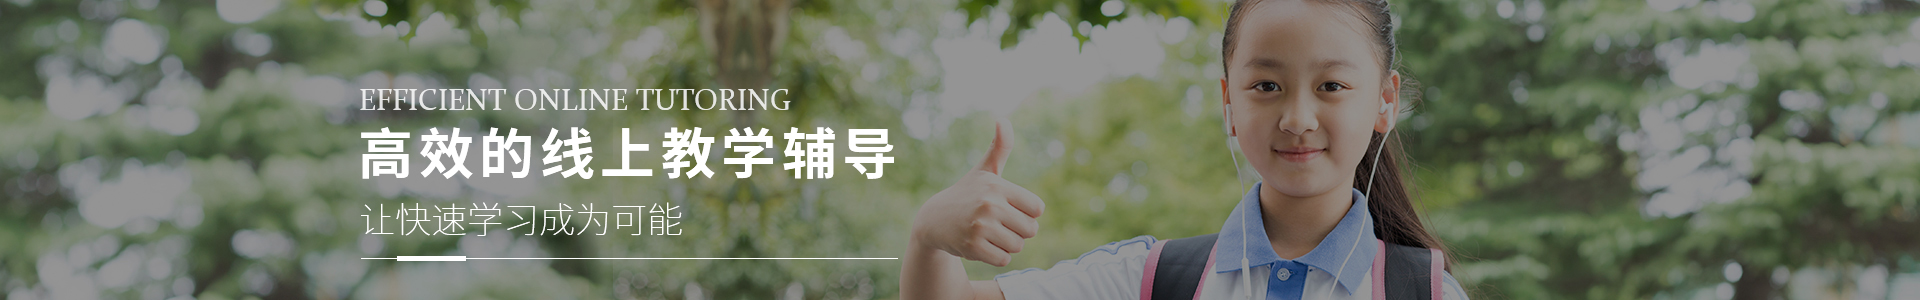 重庆里仁美文化传播有限公司